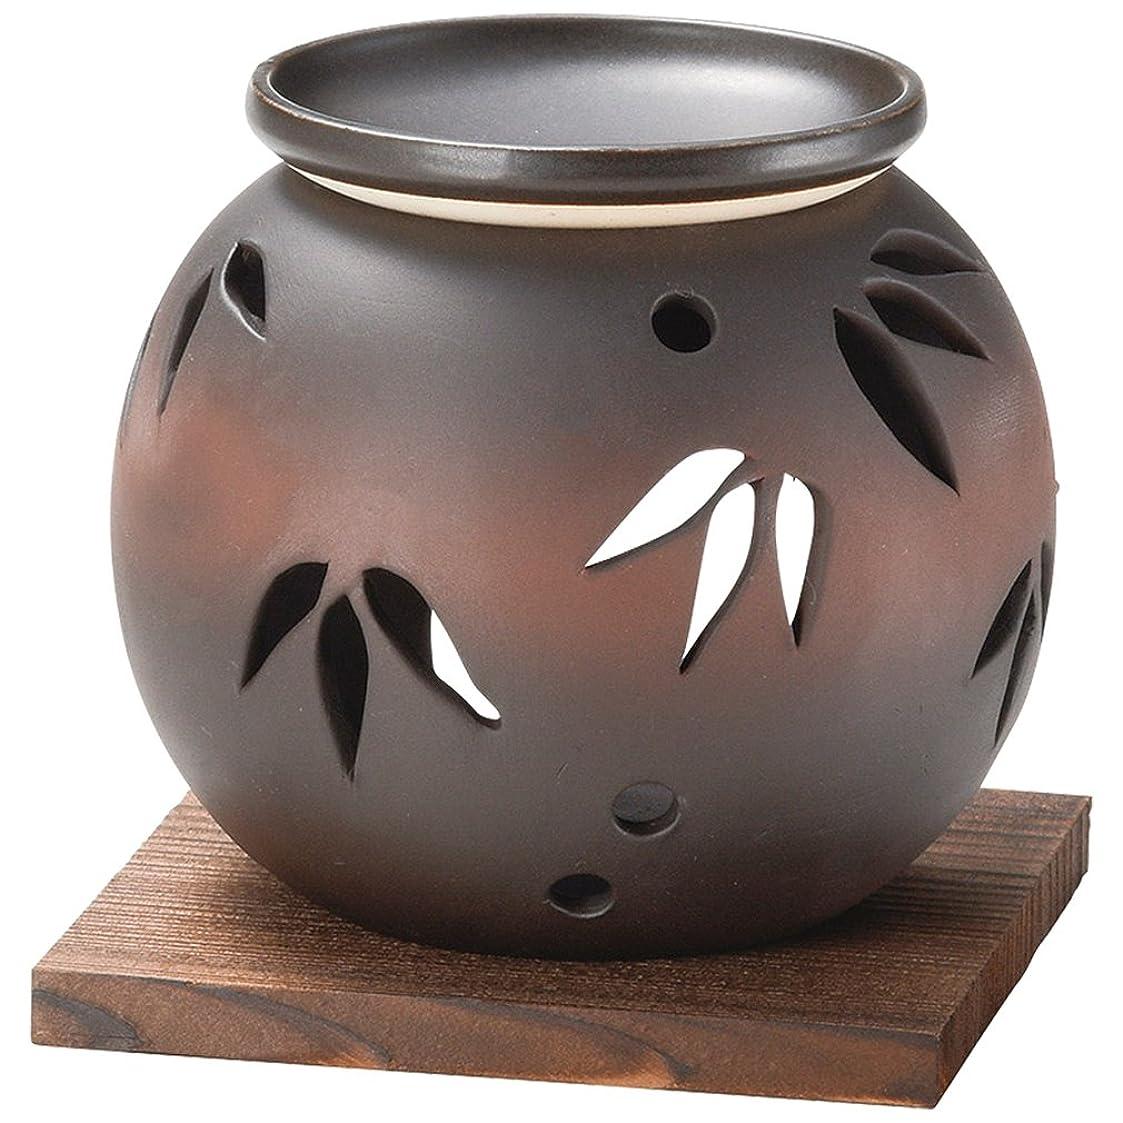 表示ナイトスポットバンガロー山下工芸 常滑焼 茶窯変笹透かし茶香炉 11×11.5×11.5cm 13045620